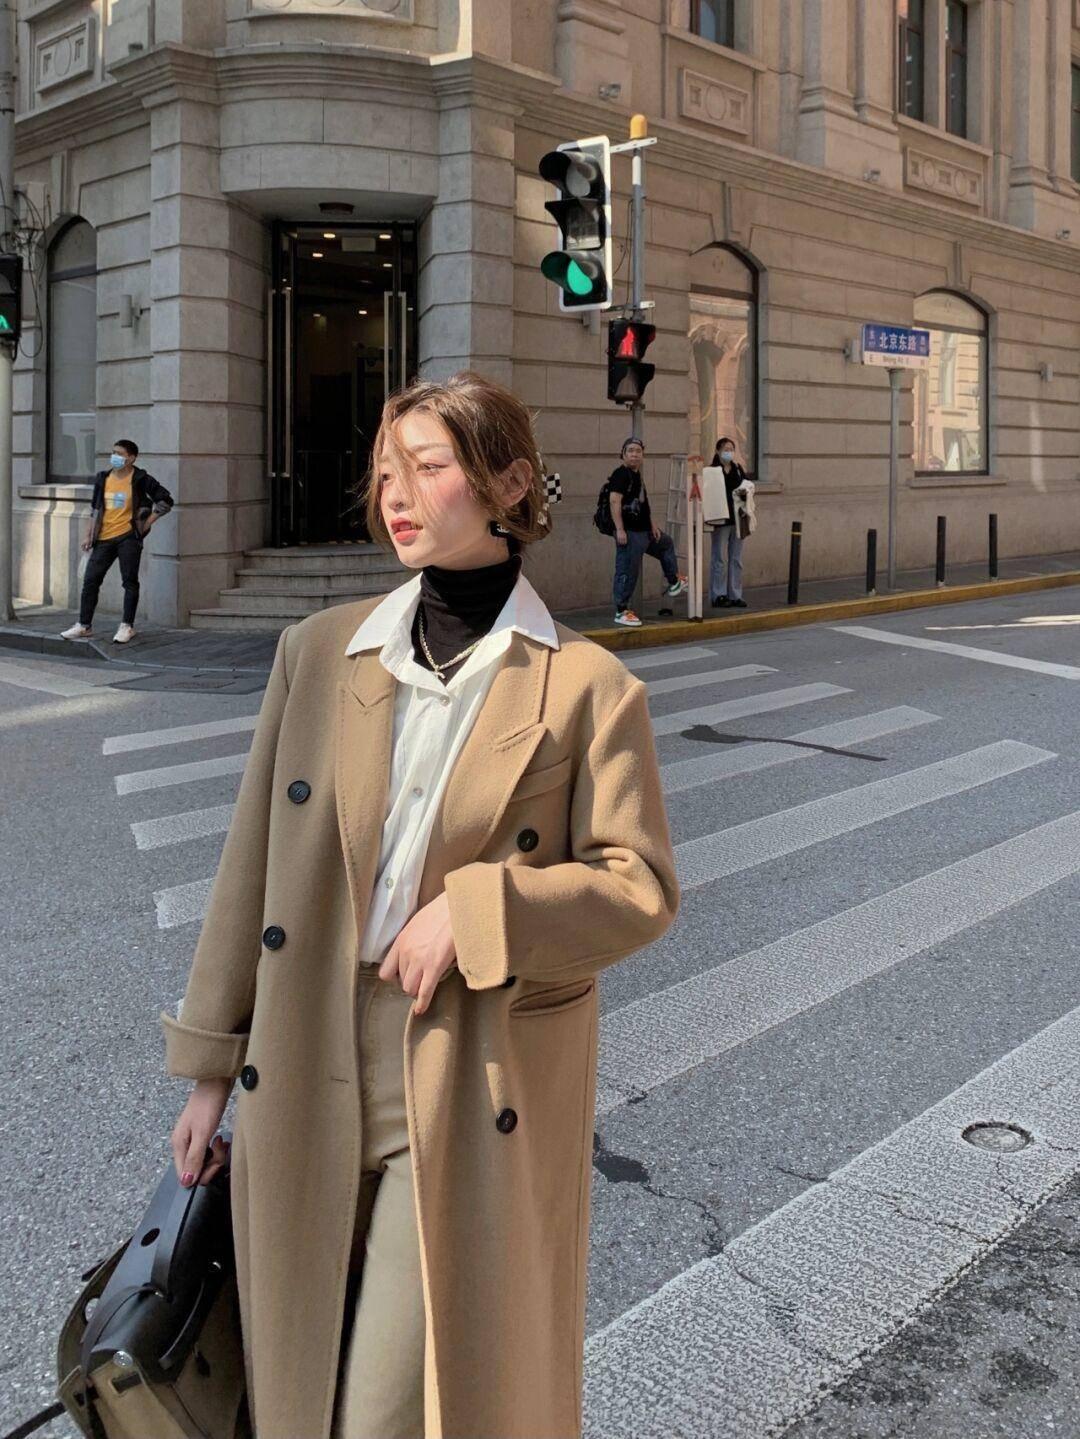 毛呢外套不能乱穿,这几个搭配思路值得借鉴,远离拖沓,高级精致